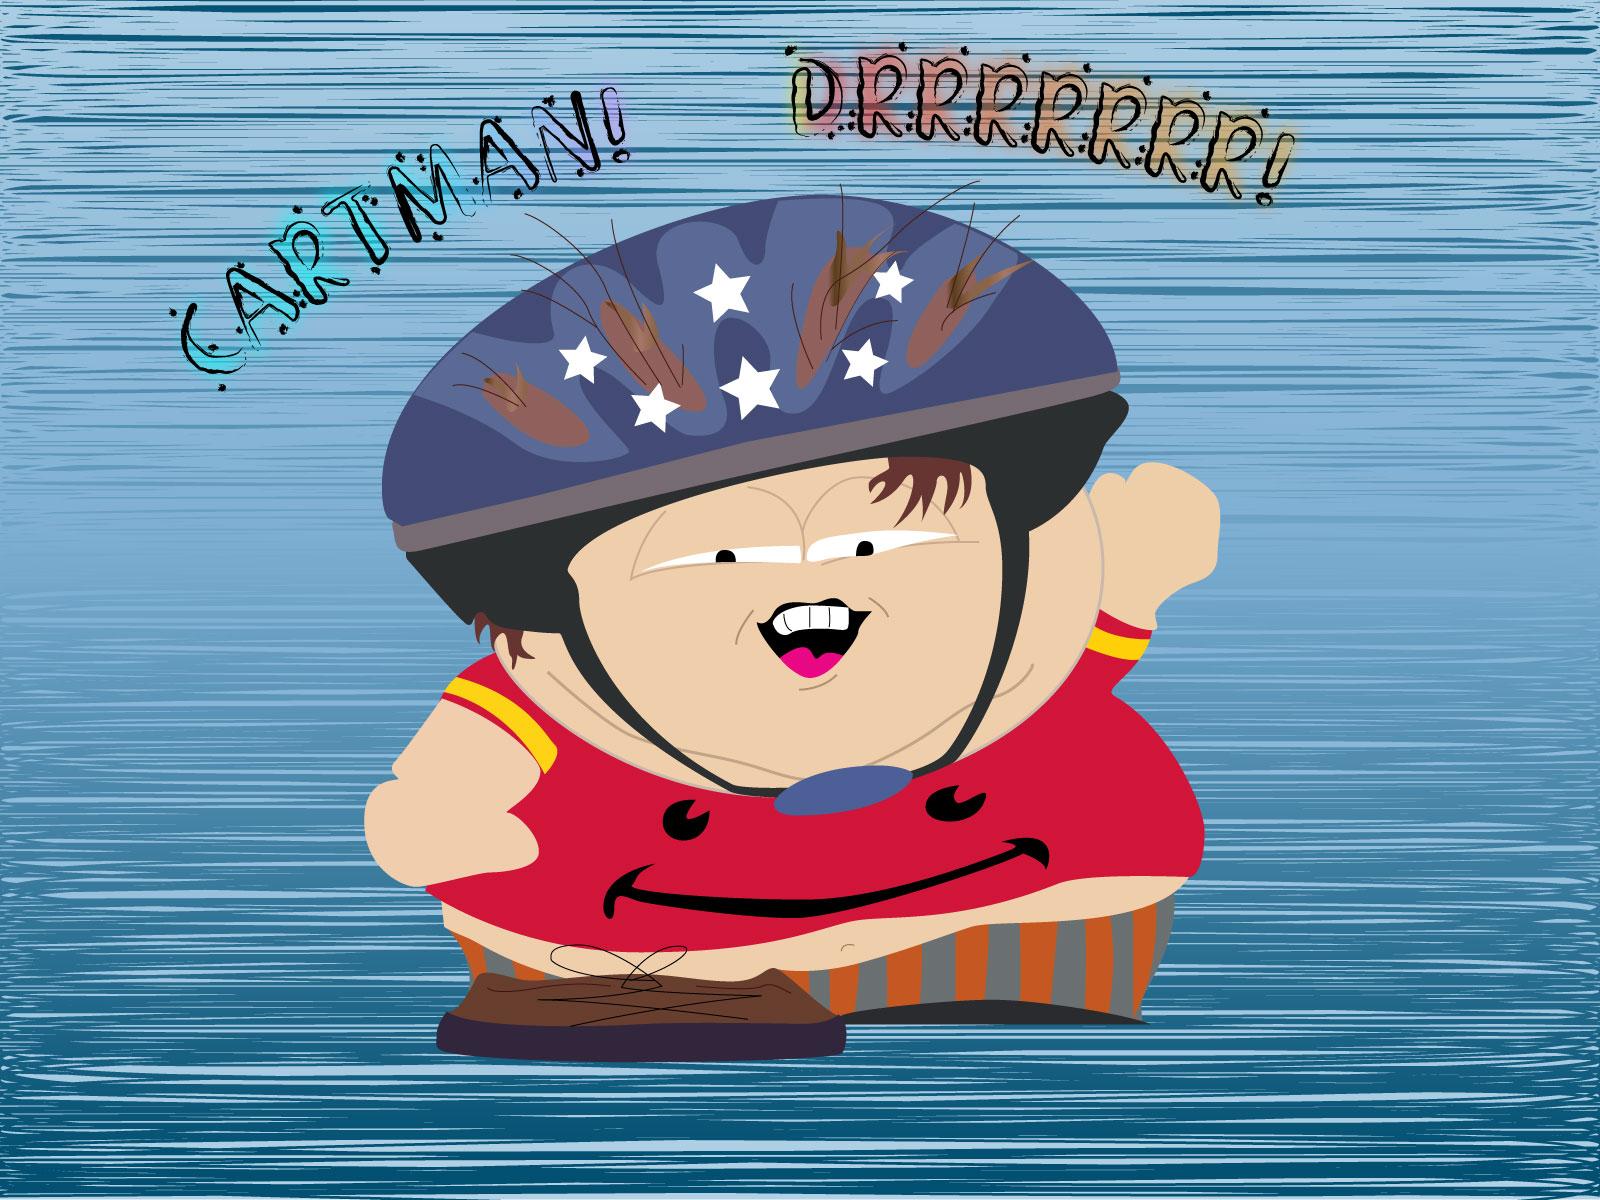 Cartman Paralympics